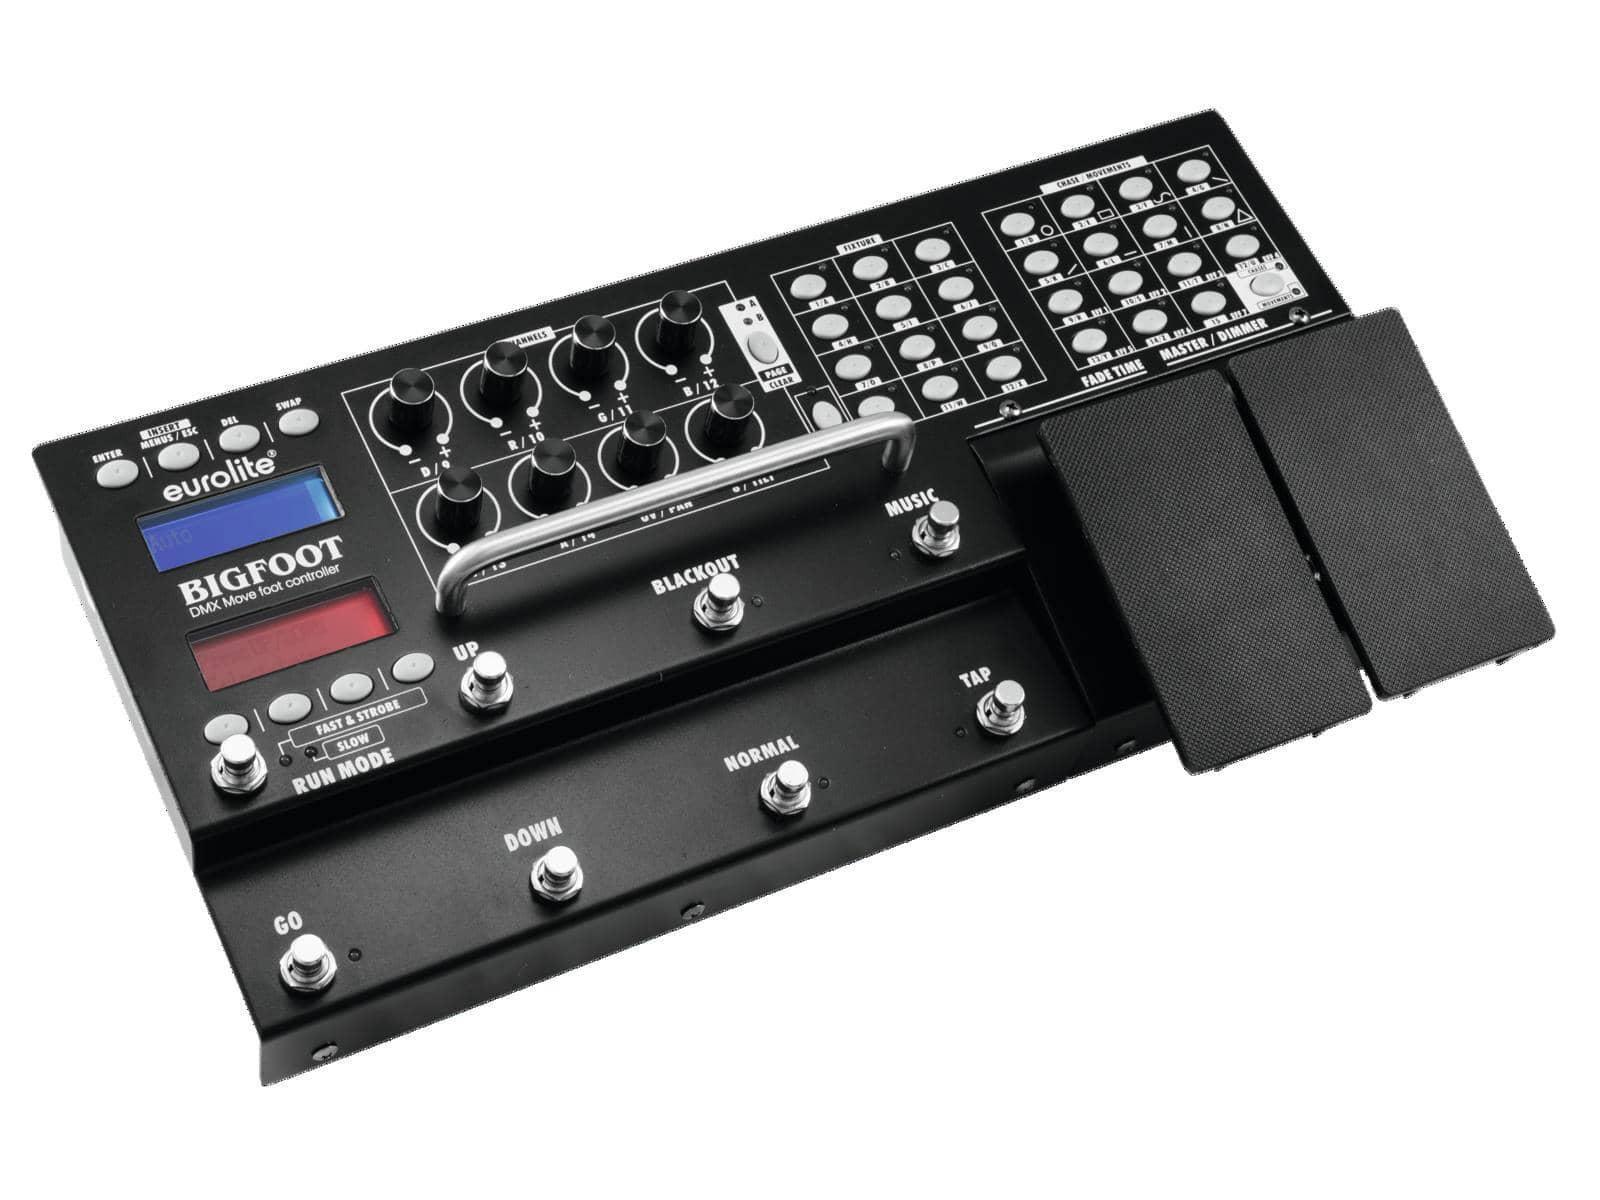 Lichtsteuerung - Eurolite DMX Controller Move Bigfoot 192 - Onlineshop Musikhaus Kirstein